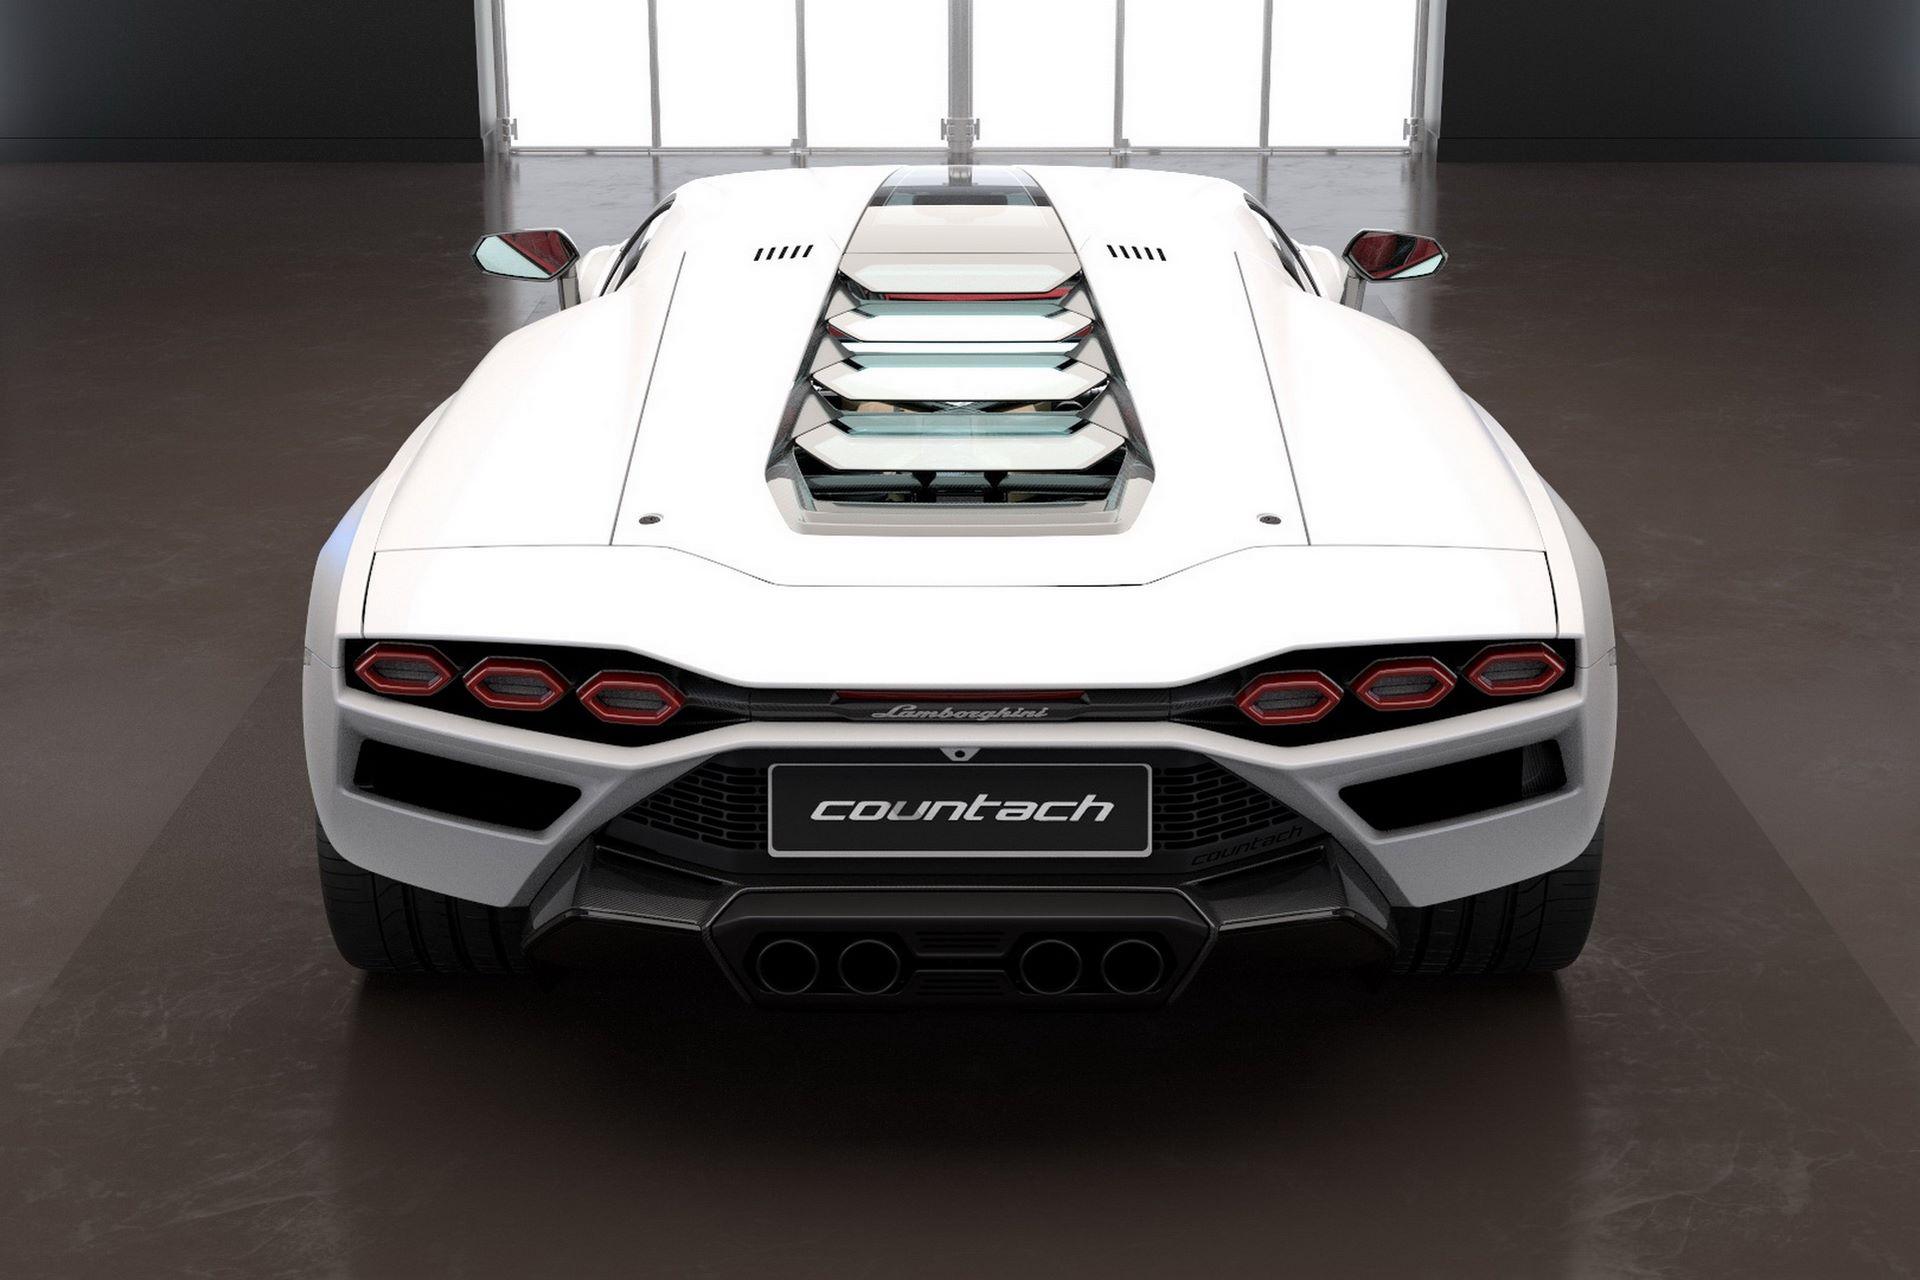 Lamborghini-Countach-LPI-800-4-90